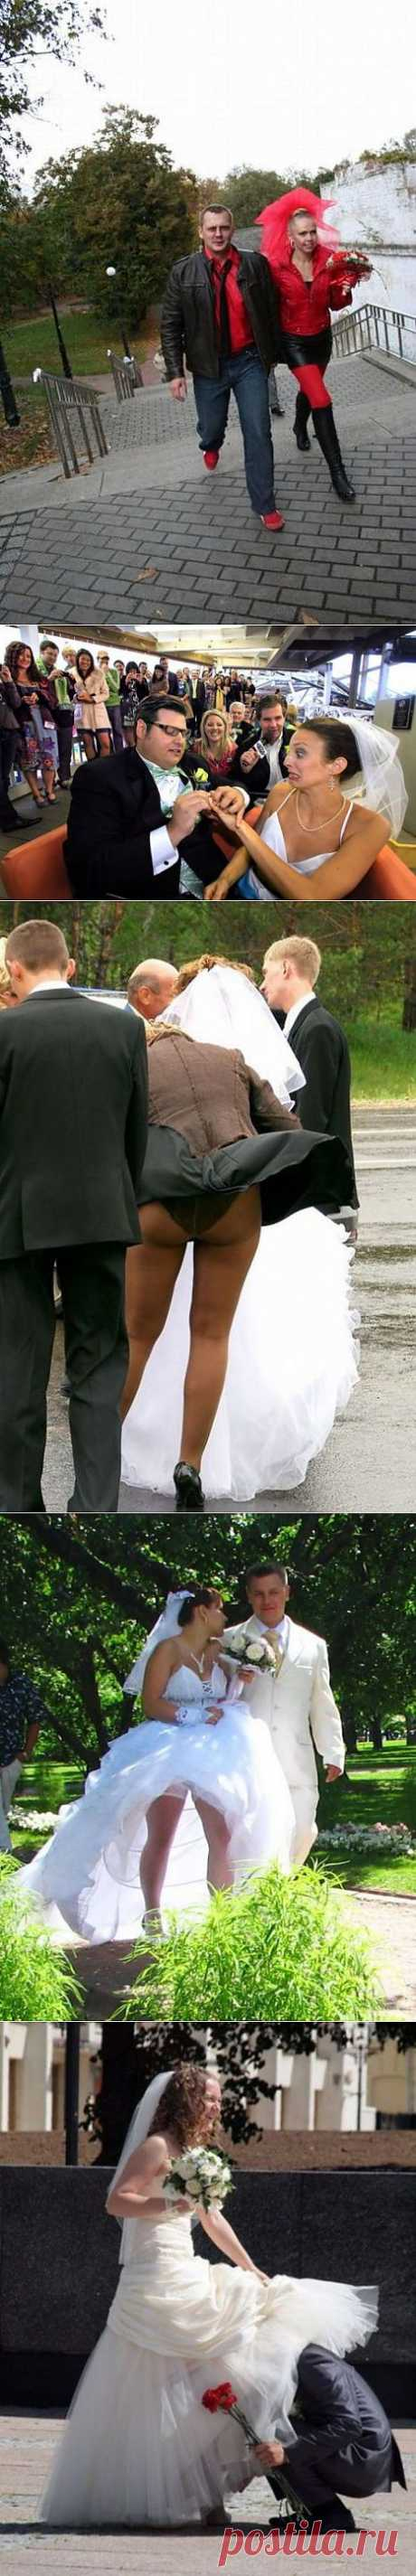 ������� ��������� ���������� (30 ��)смешные свадебные фото